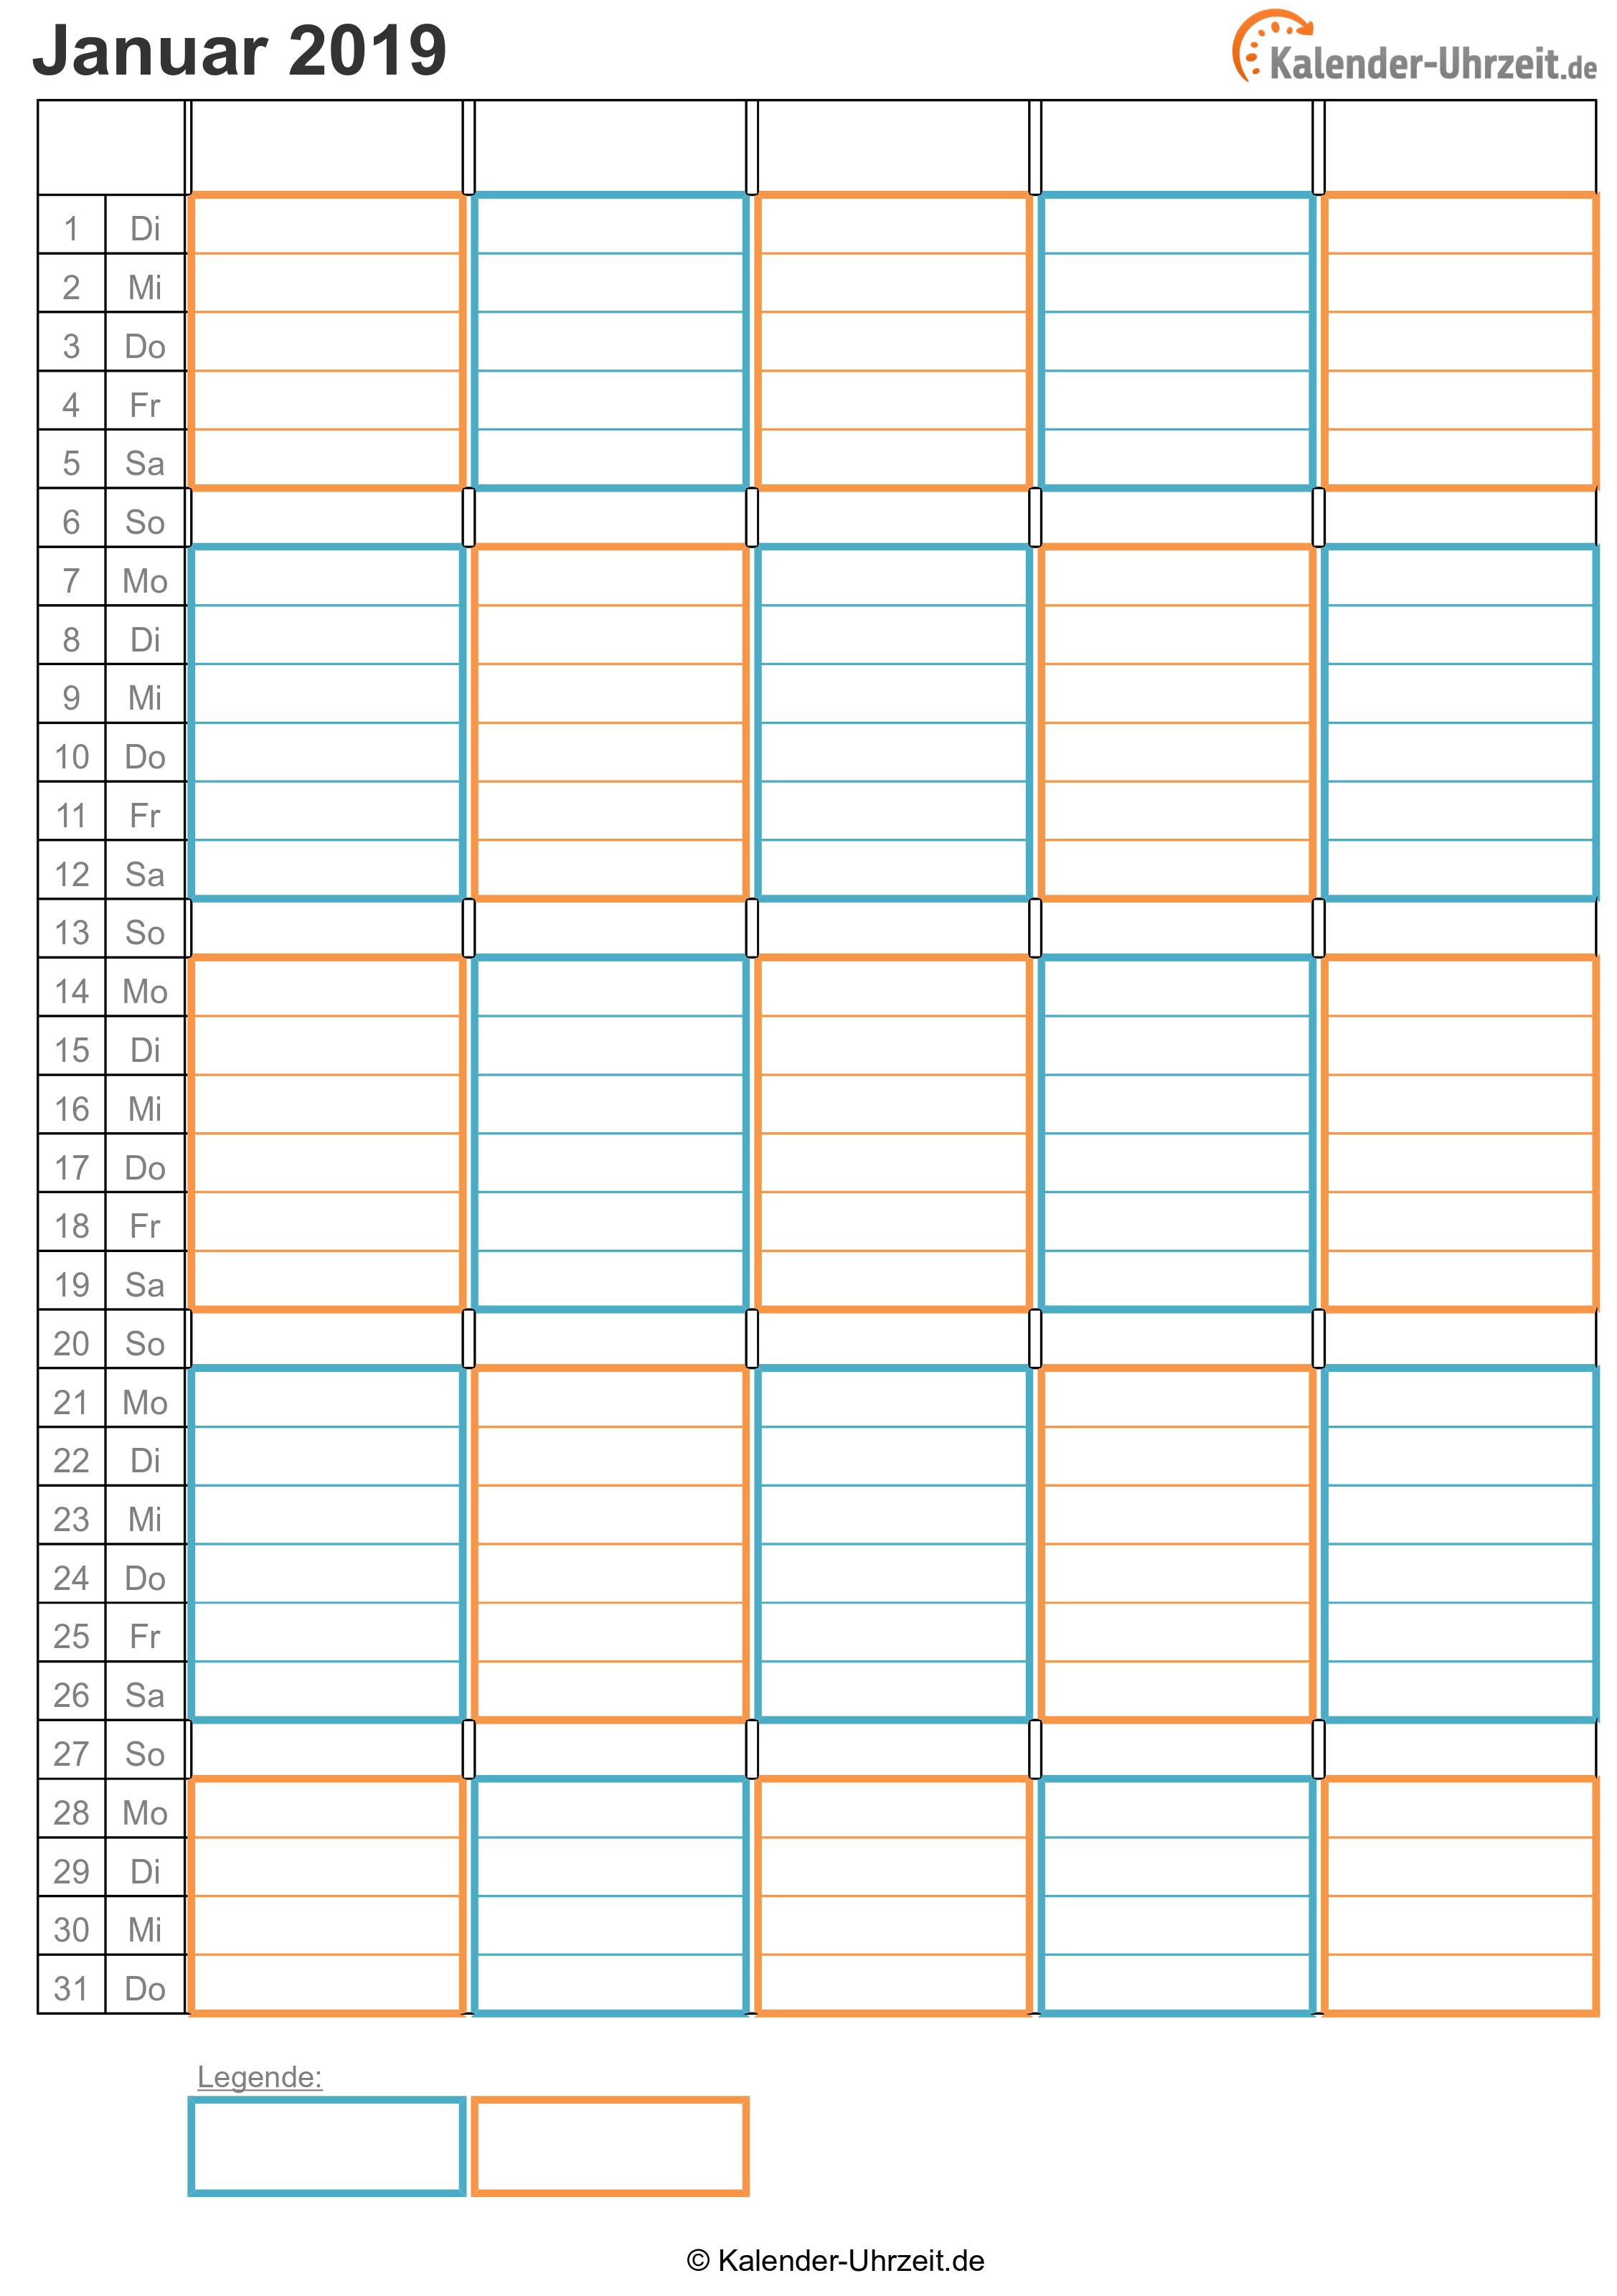 kalender 2019 zum ausdrucken kostenlos. Black Bedroom Furniture Sets. Home Design Ideas